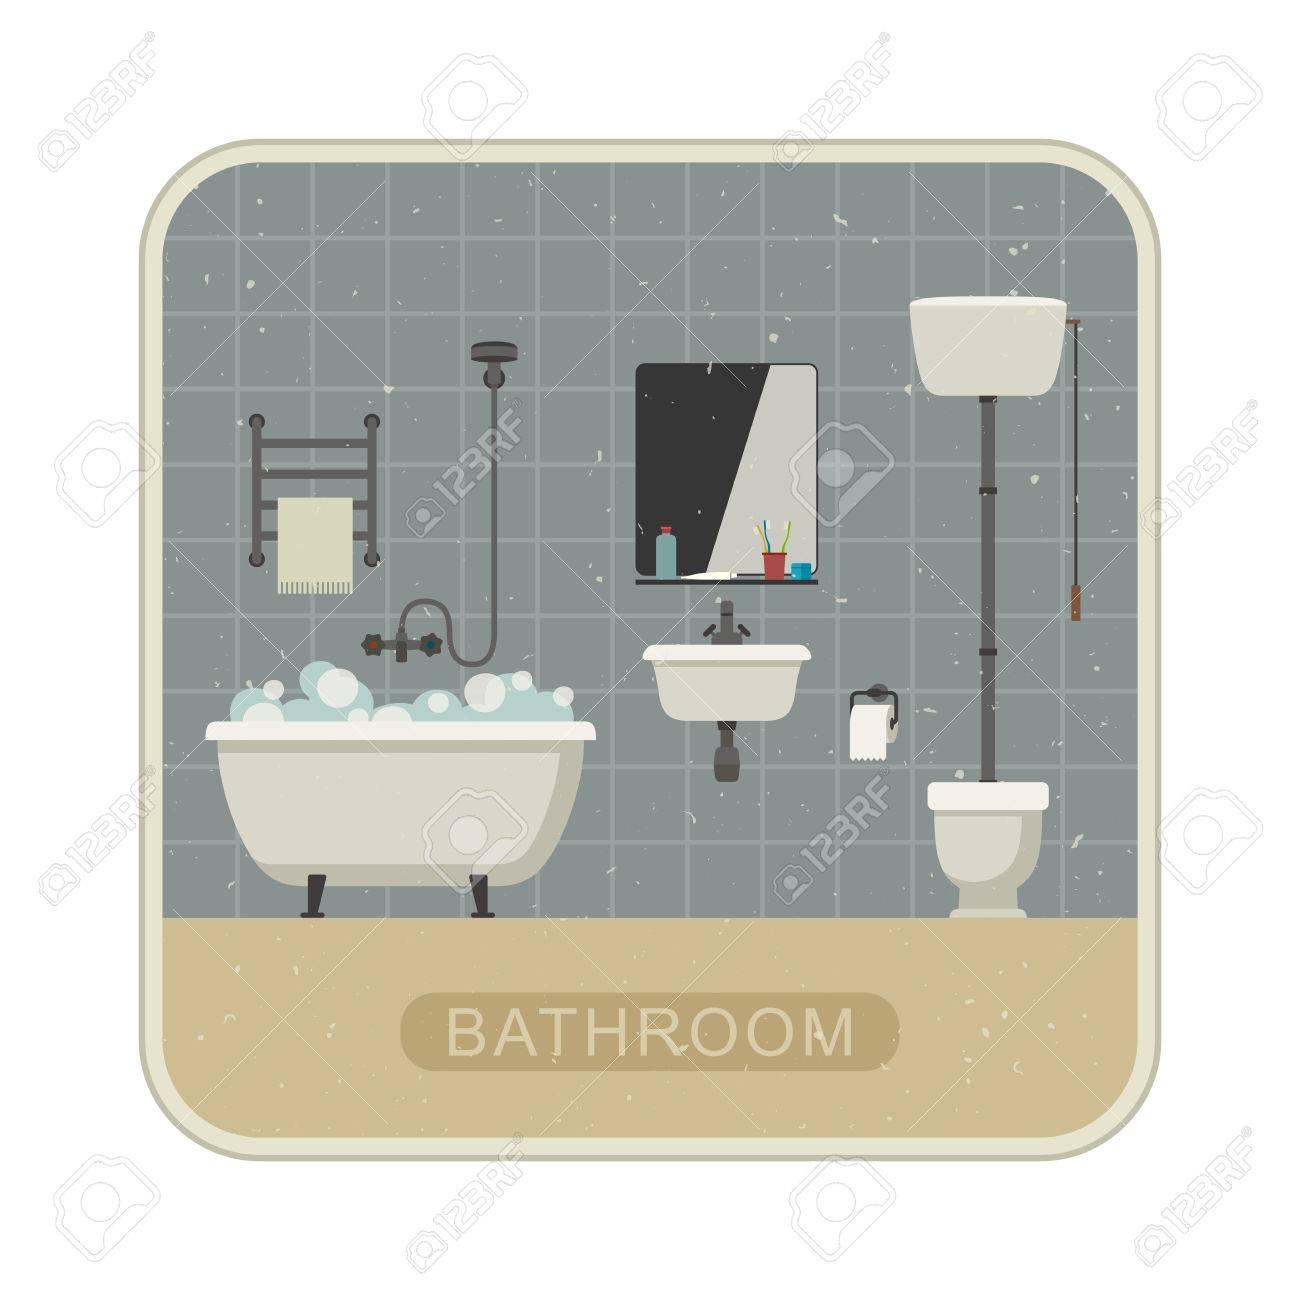 Badrum retro platt illustration med toalett, handfat och ...